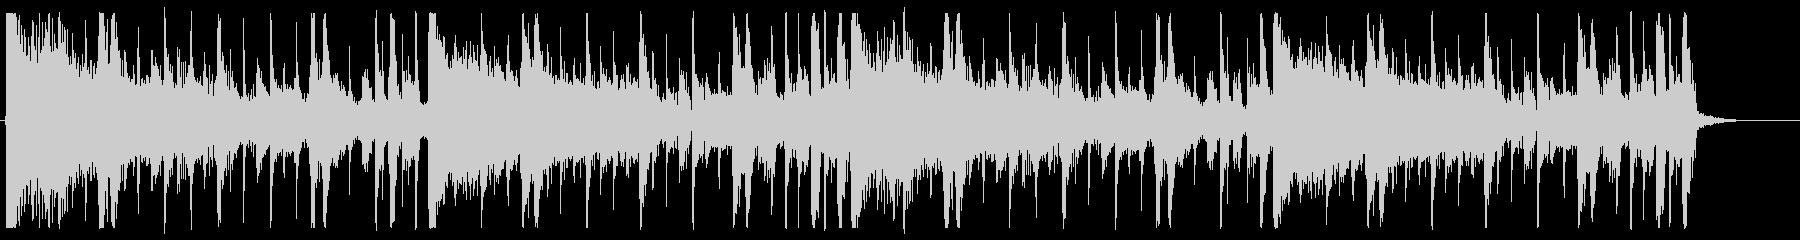 レトロ/夏_No595_4の未再生の波形